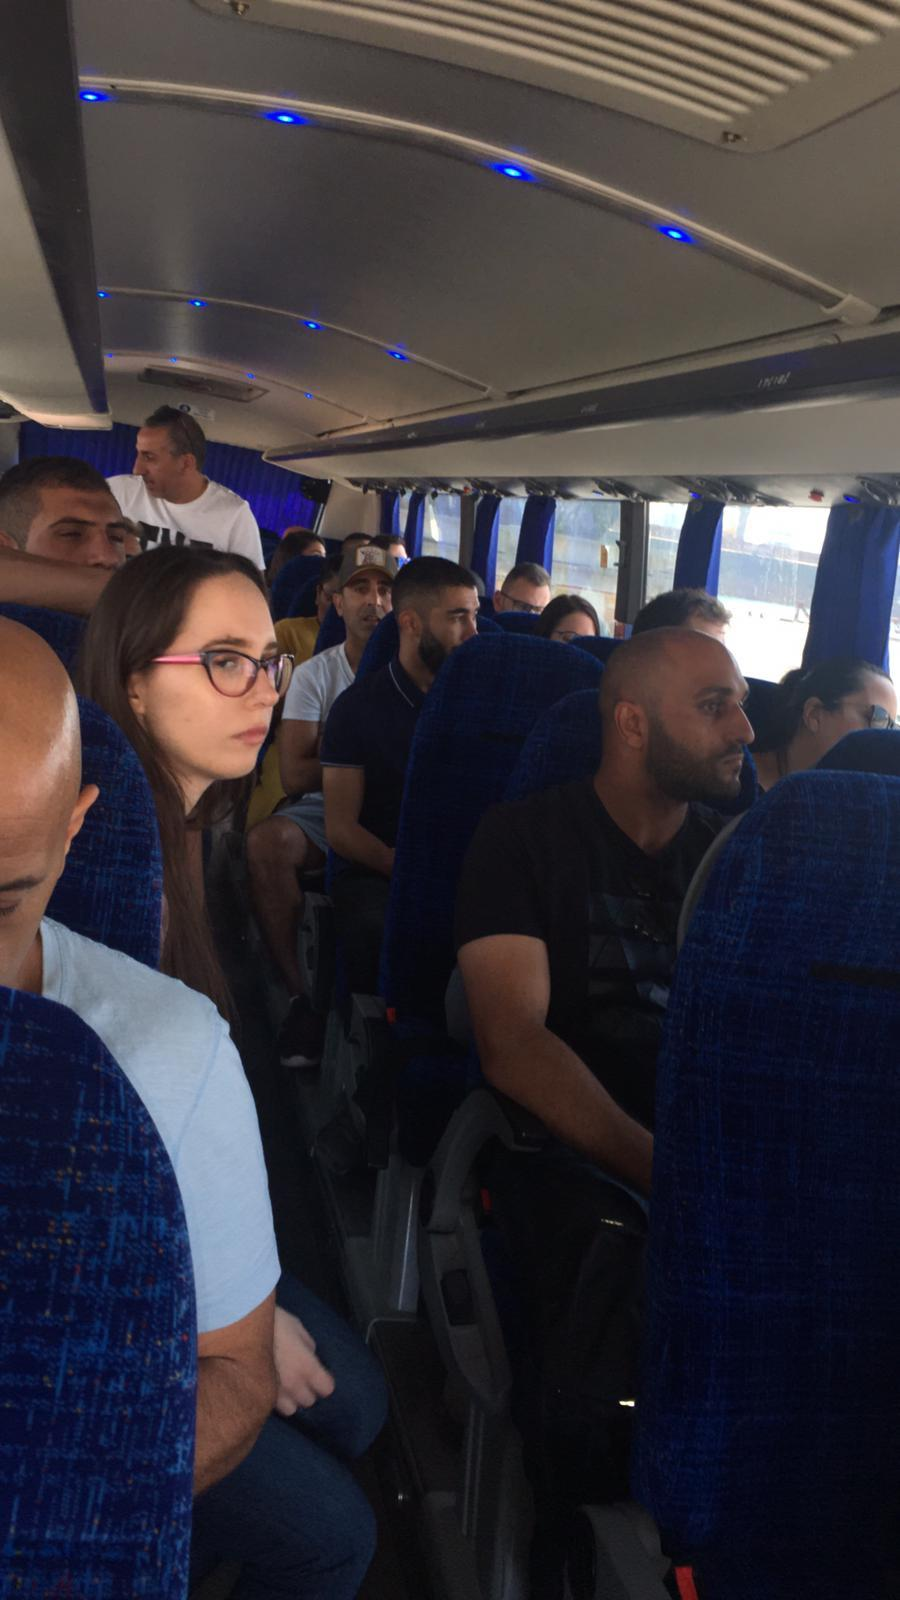 גלרייה - סיור לנמל אשדוד ספטמבר 2019, 15 מתוך 29